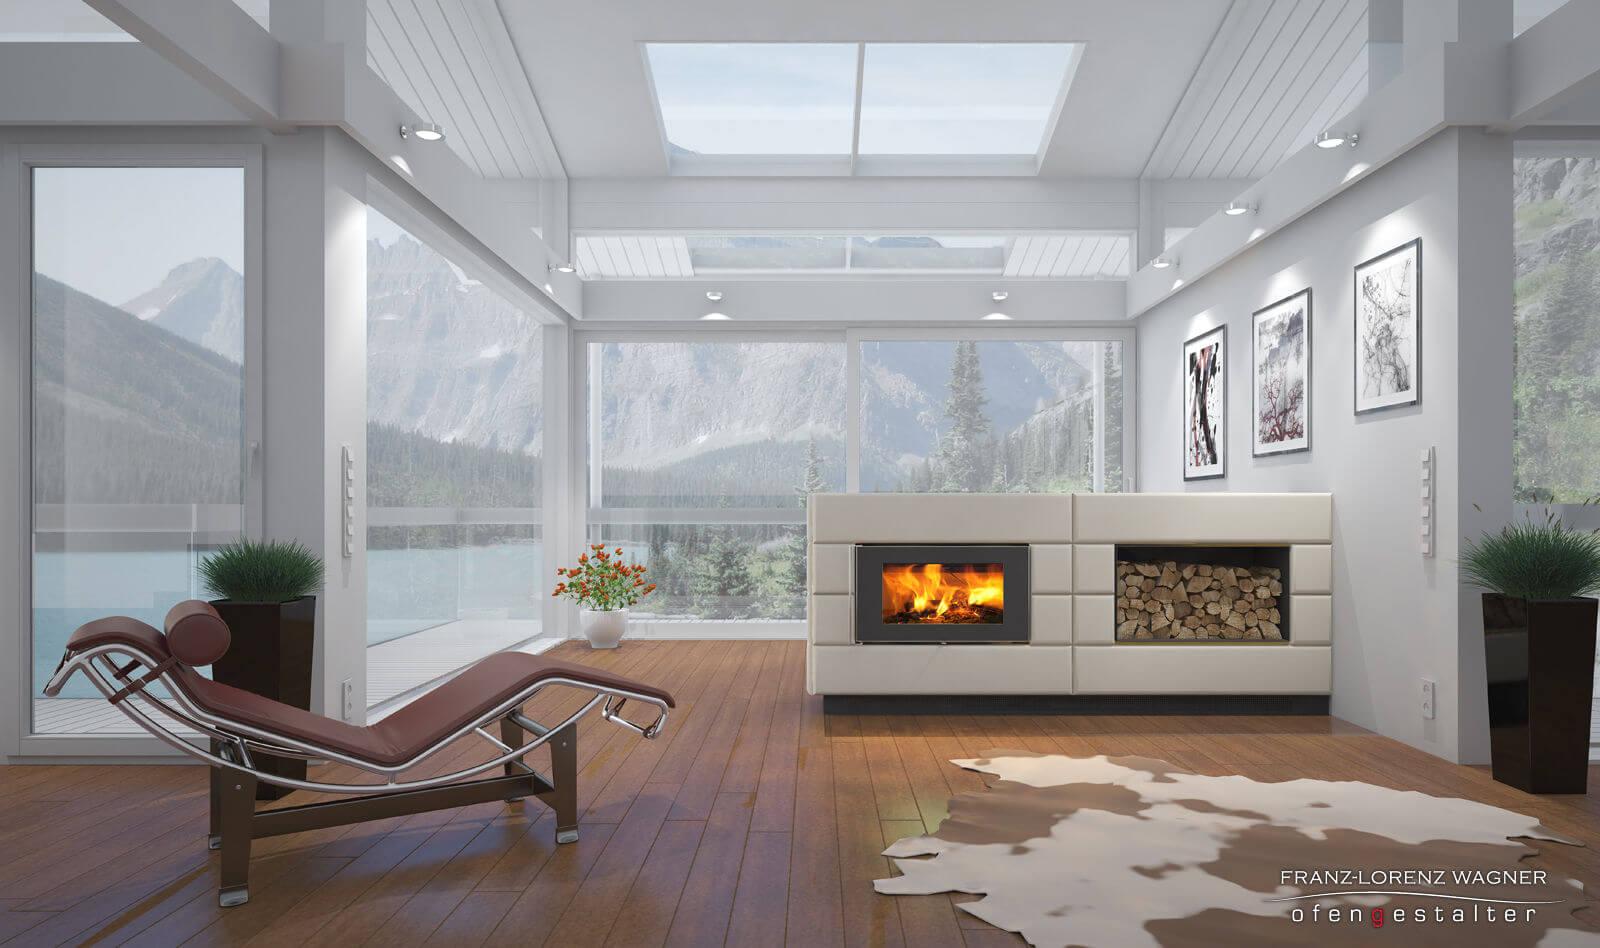 trendfarbe wei eine leinwand f r ihre wohntr ume. Black Bedroom Furniture Sets. Home Design Ideas